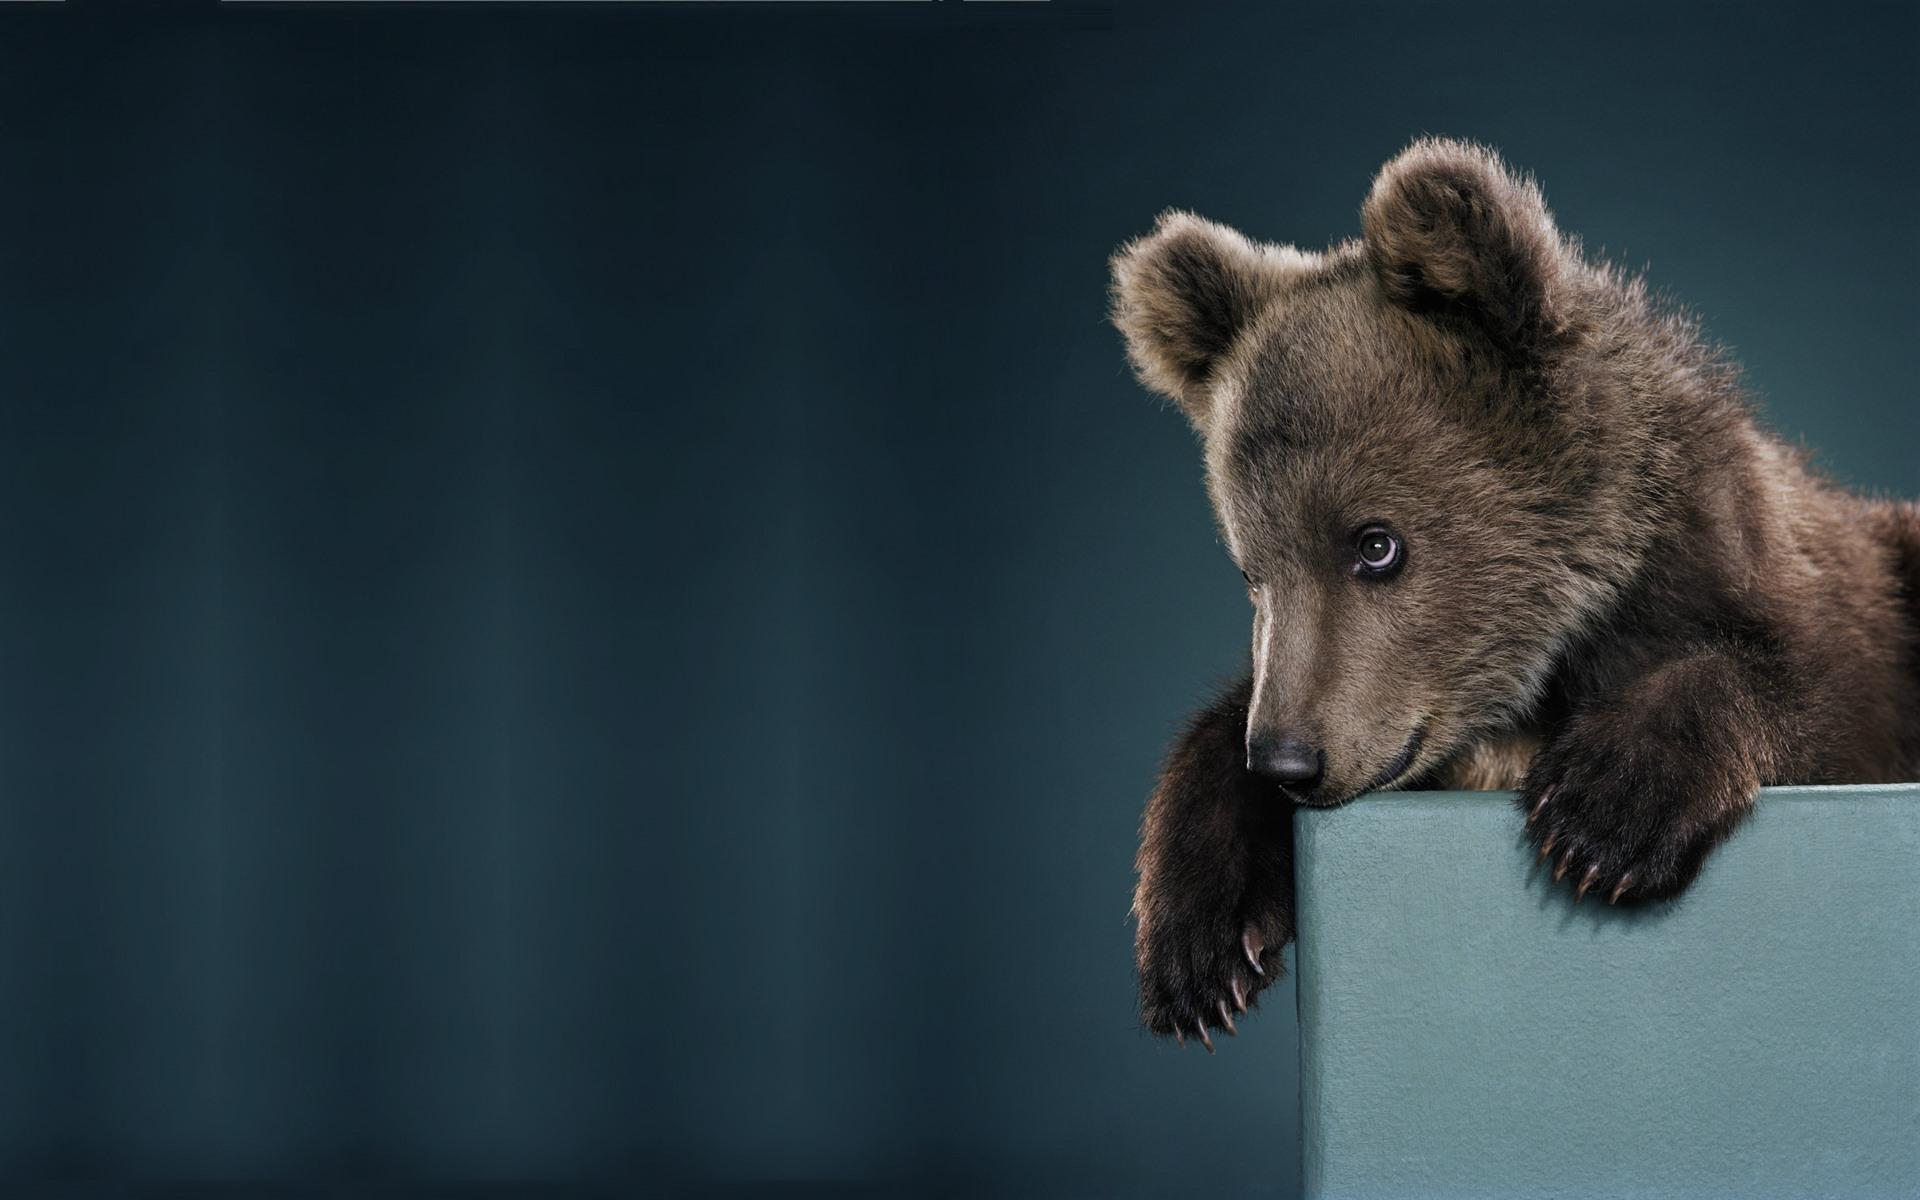 владимировна картинка бурый медведь в костюме белого этой